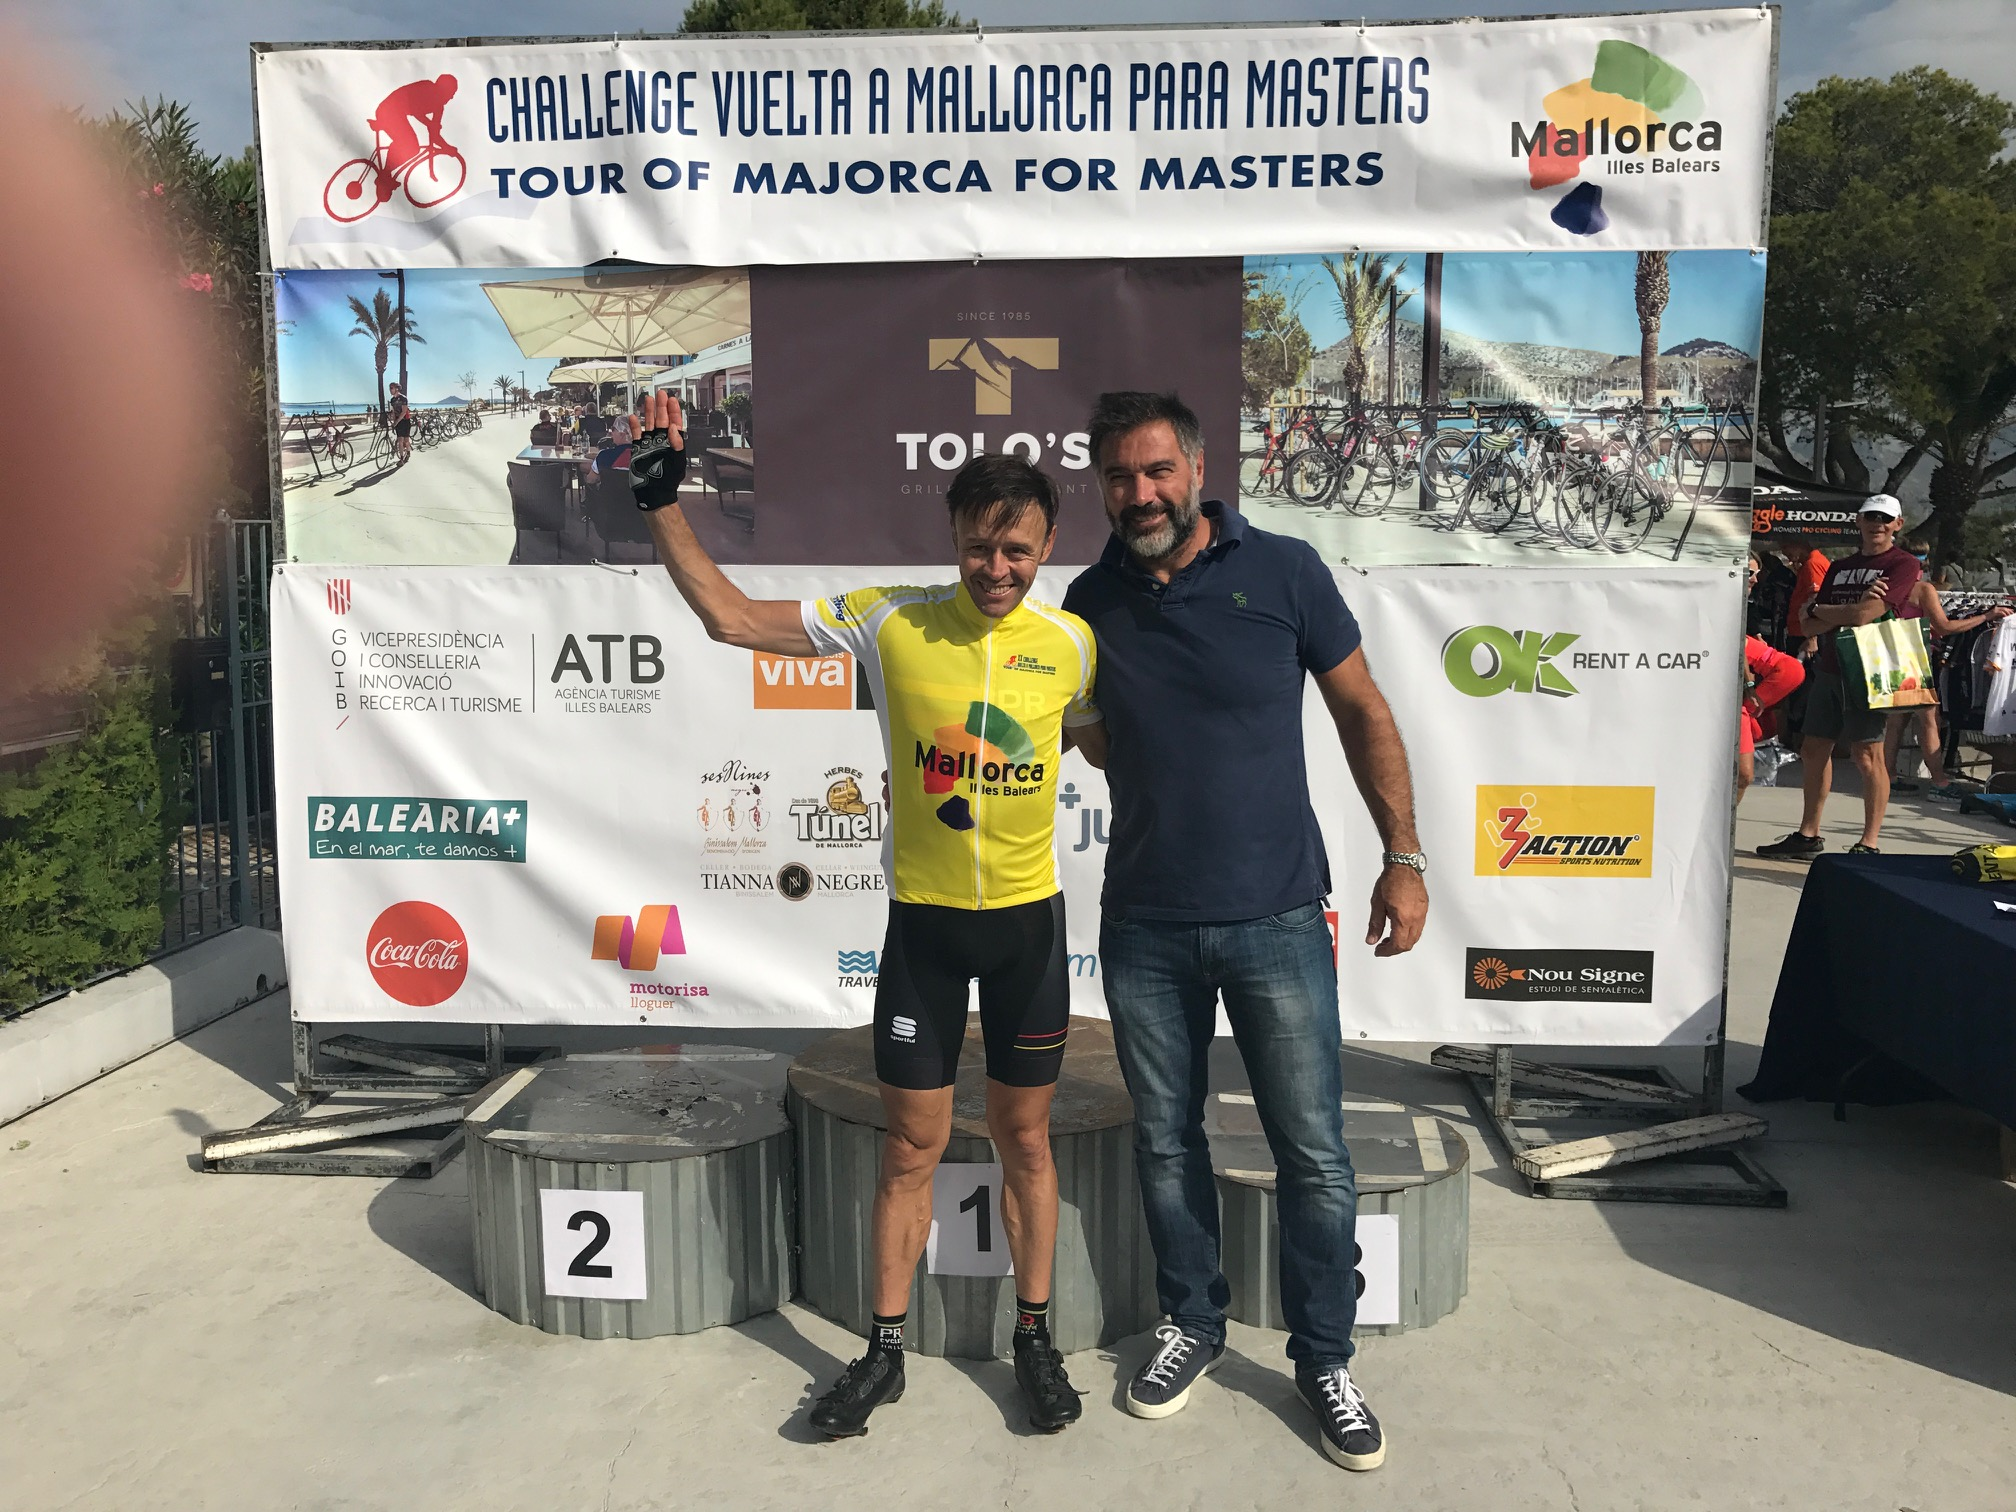 ChallengeVueltaMallorca2017_2a_etapa_maillot_Govern